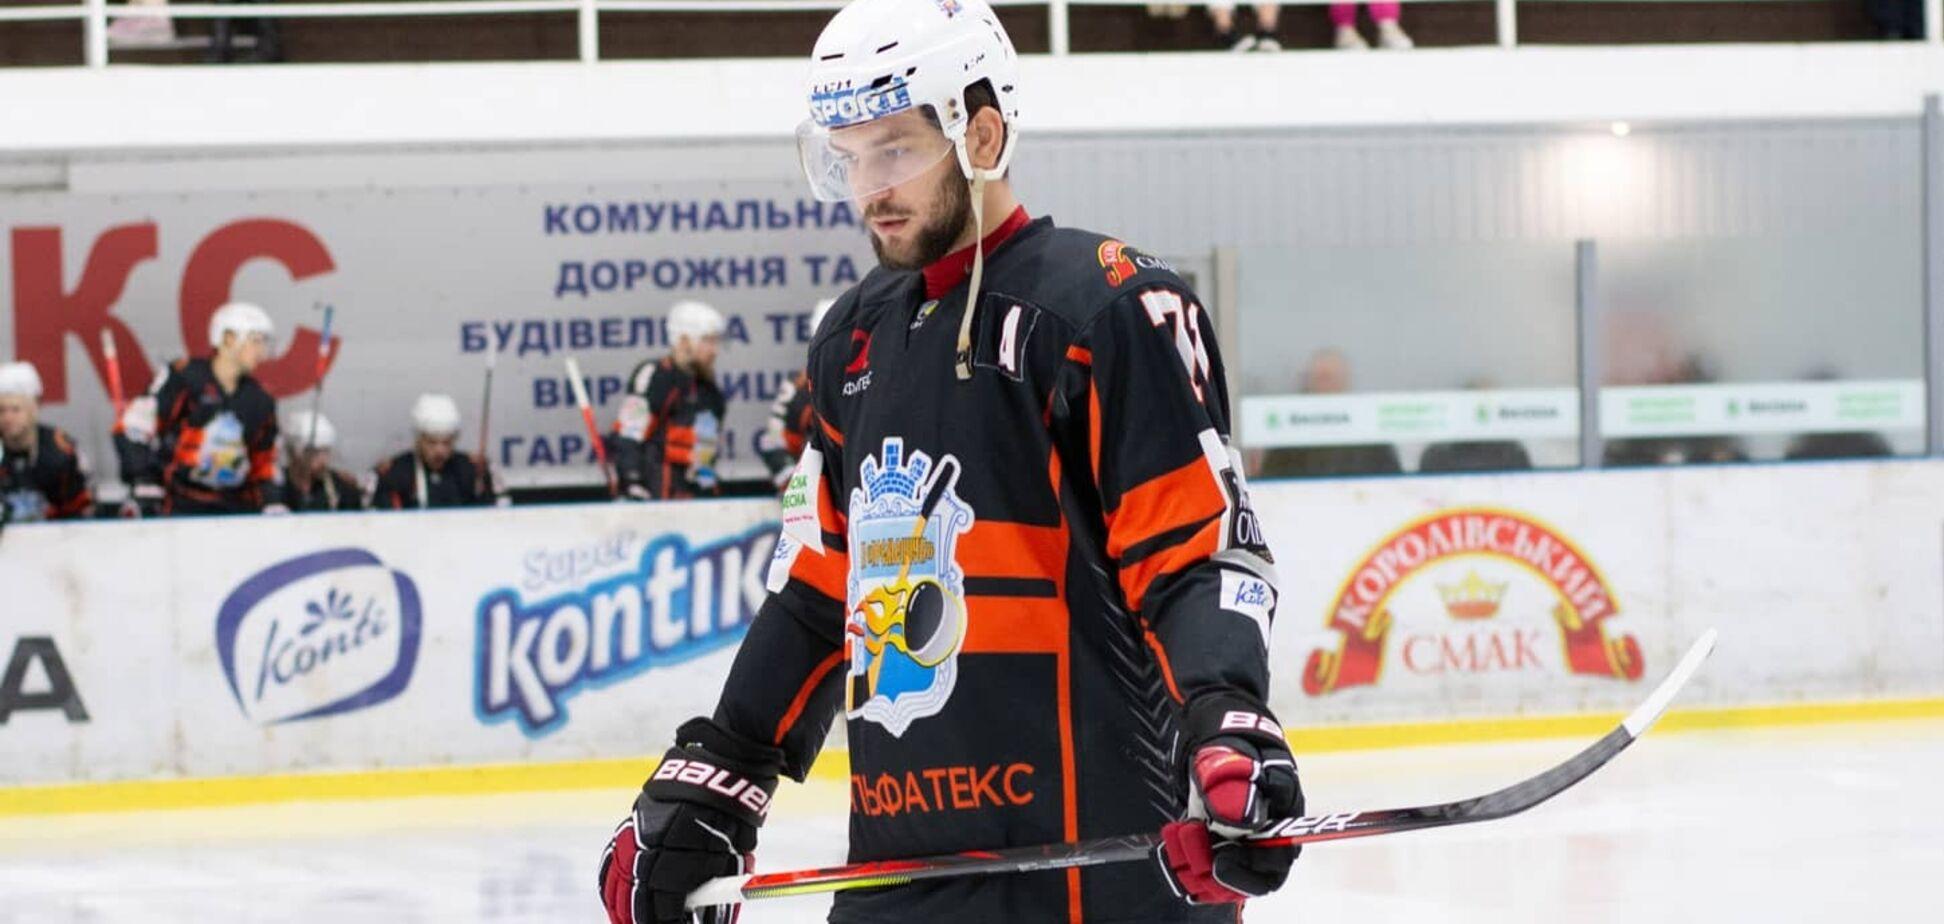 Андрія Денискина видалено до кінця матчу за расизм щодо гравця 'Донбасу'. Відео